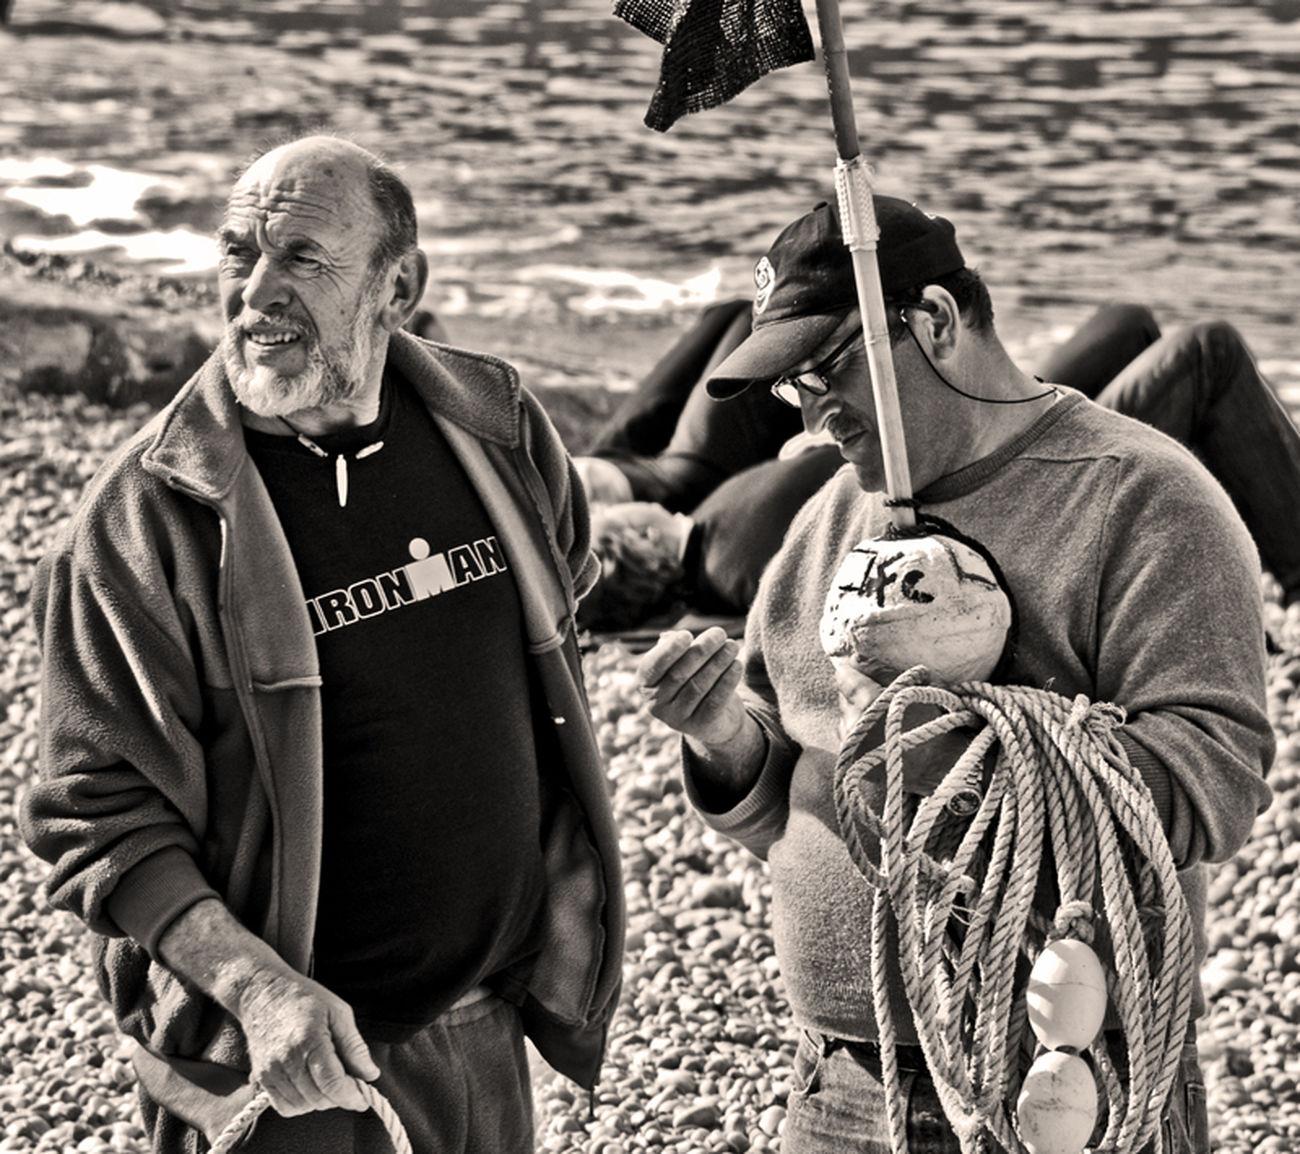 Ironman & Co, fishermen Scène De Vie Portrait EyeEm Best Shots - People + Portrait Bnw